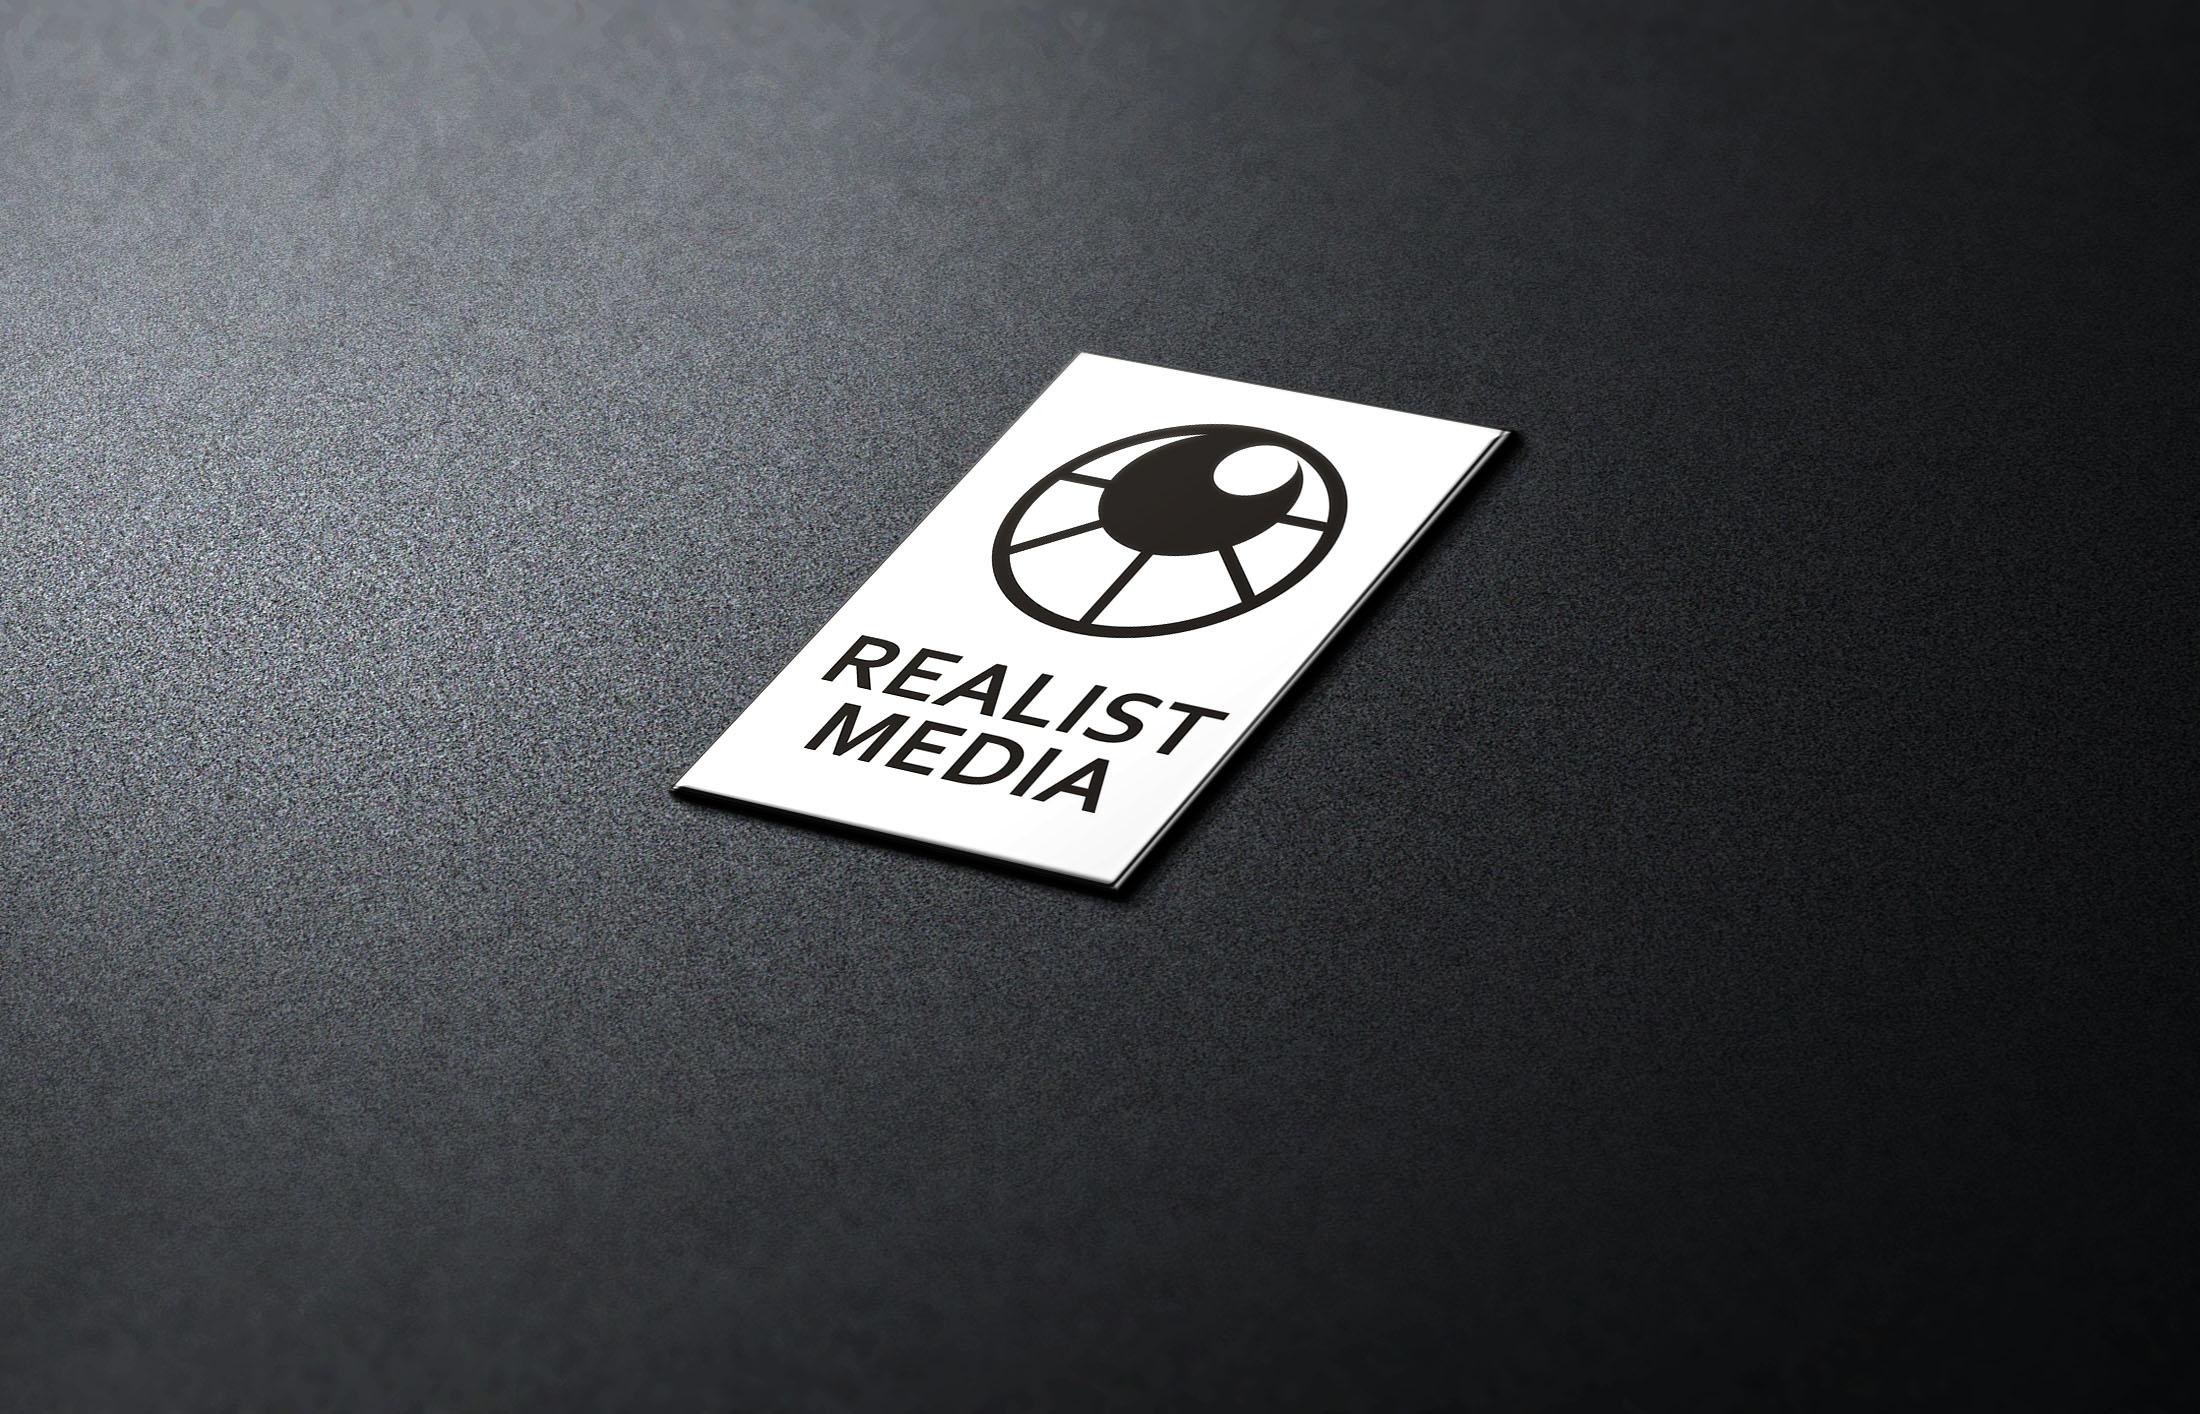 Разработка дизайна логотипа продакшена фото f_0125a8c5cad2ab80.jpg